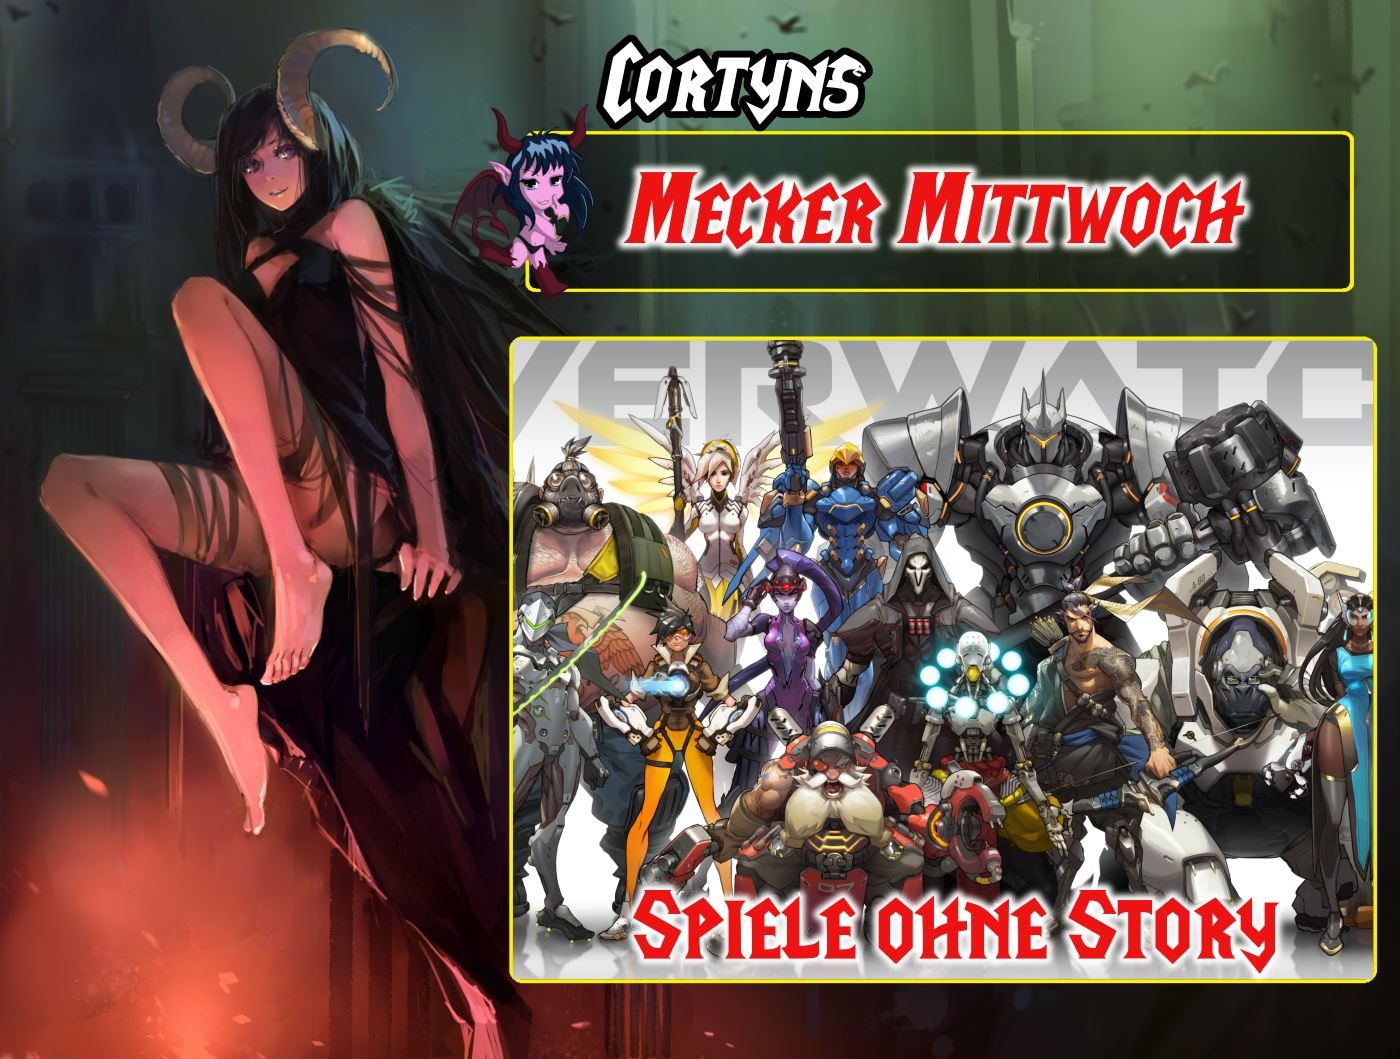 Mecker Mittwoch: Spiele ohne Story (Overwatch)